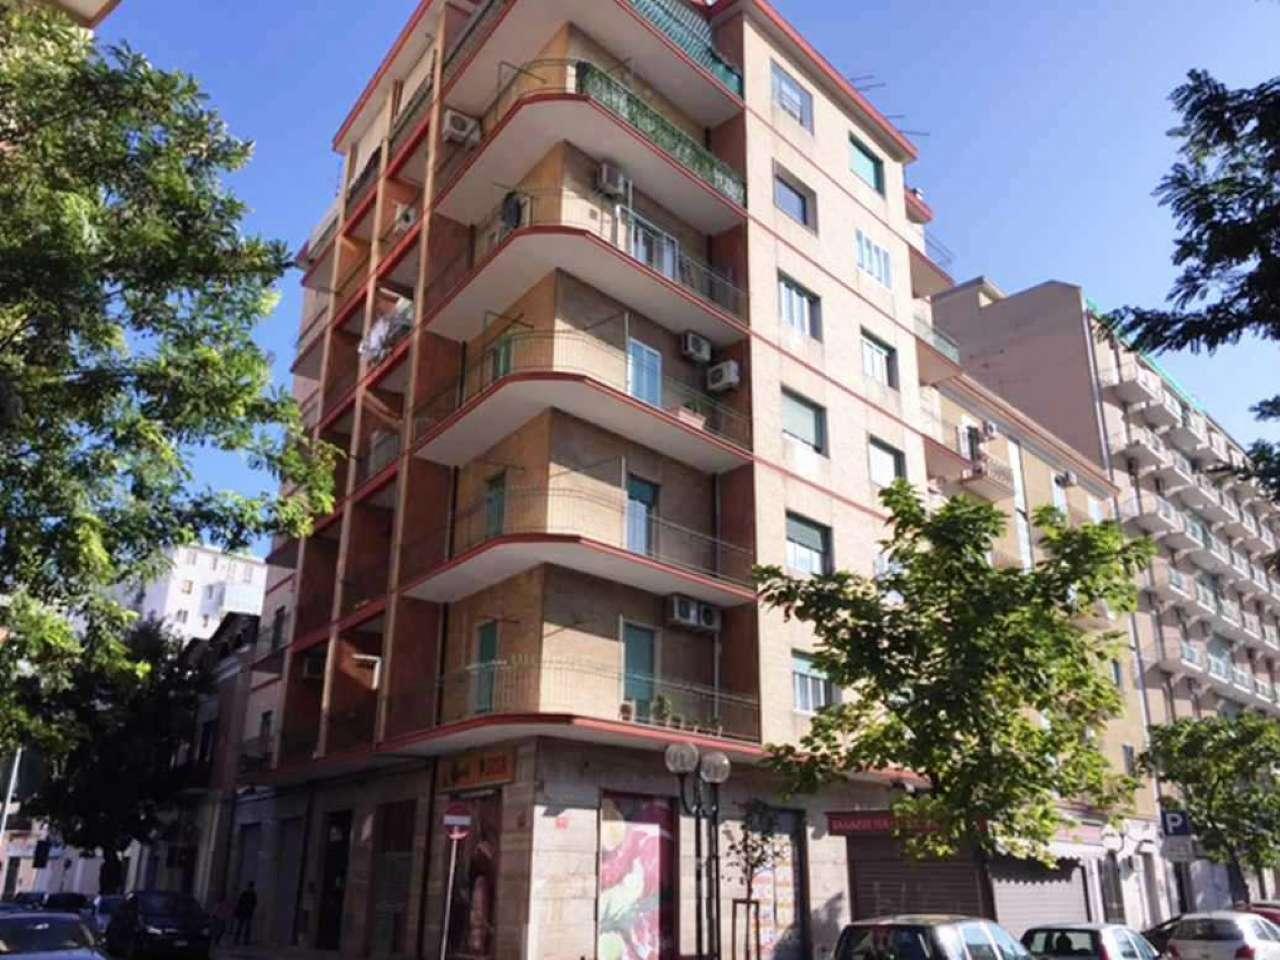 Appartamento in affitto a Foggia, 3 locali, prezzo € 450 | Cambio Casa.it